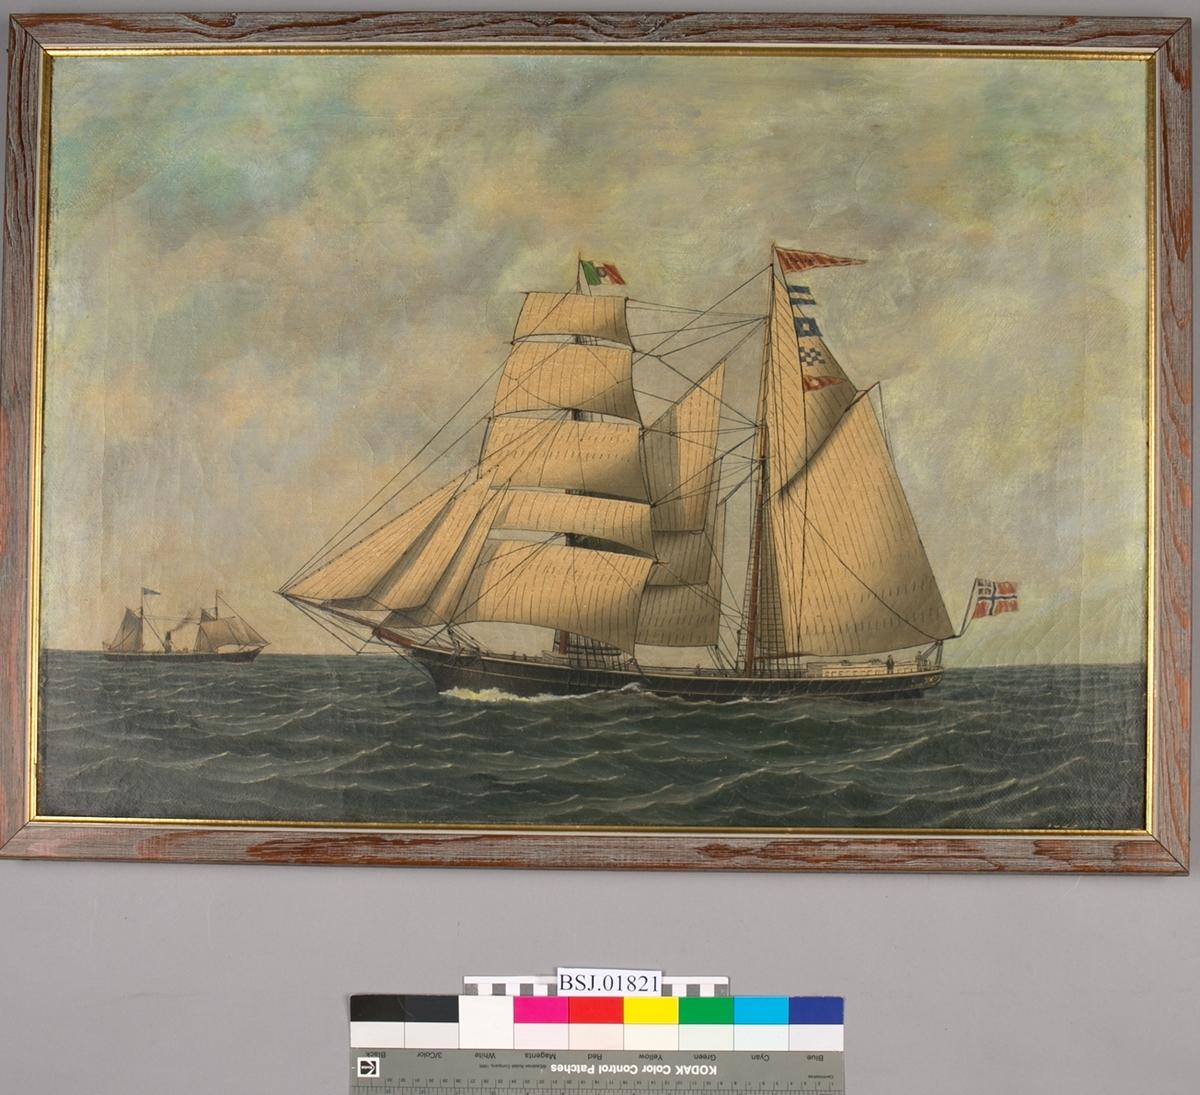 Maleri av skonnertbrigg ITALIA under seil. På fortoppen  italiensk flagg, unionsflagg under gaffelen. Ved baug i horisonten sees et dampskip med seilføring.